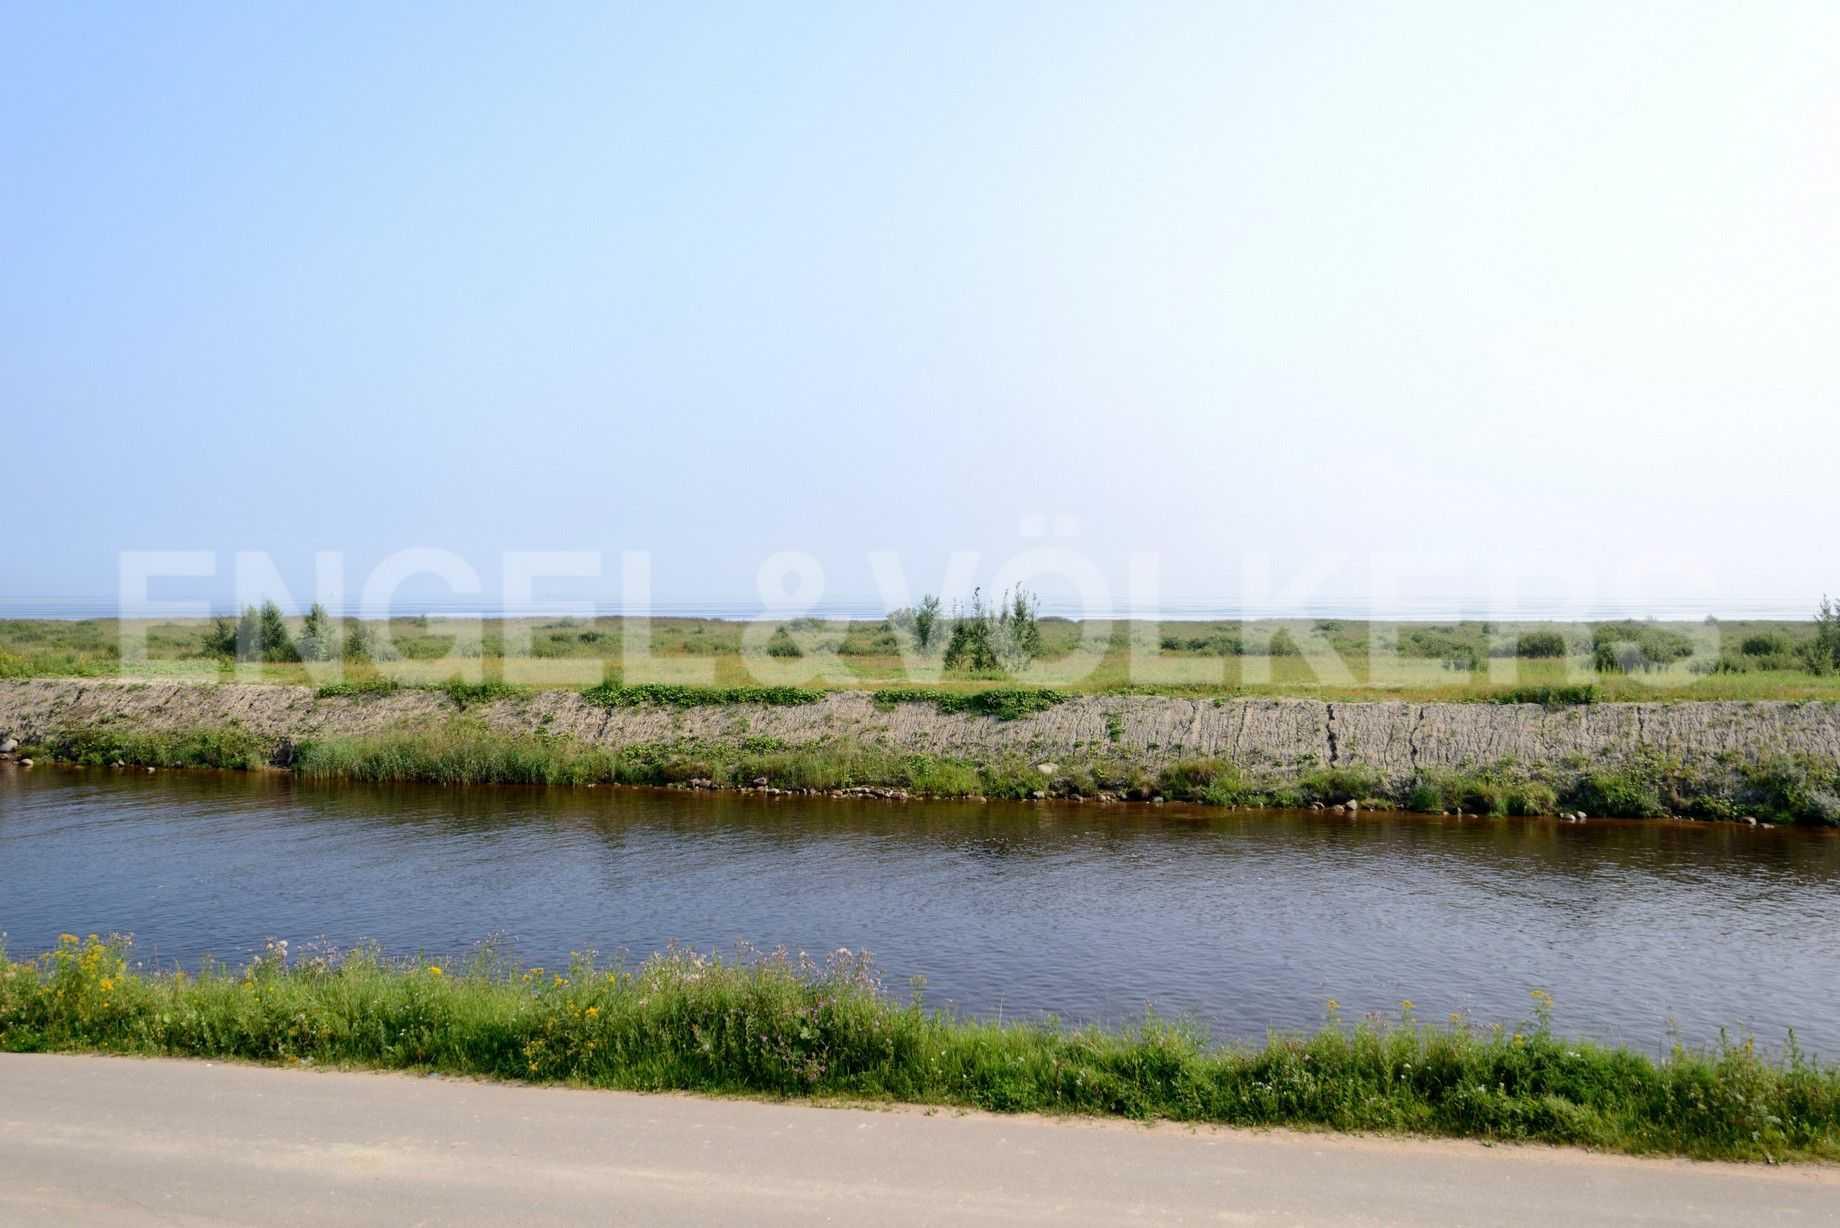 Элитные квартиры в Других районах области. Ленинградская область, г.Шлиссельбург, Новоладожский канал.